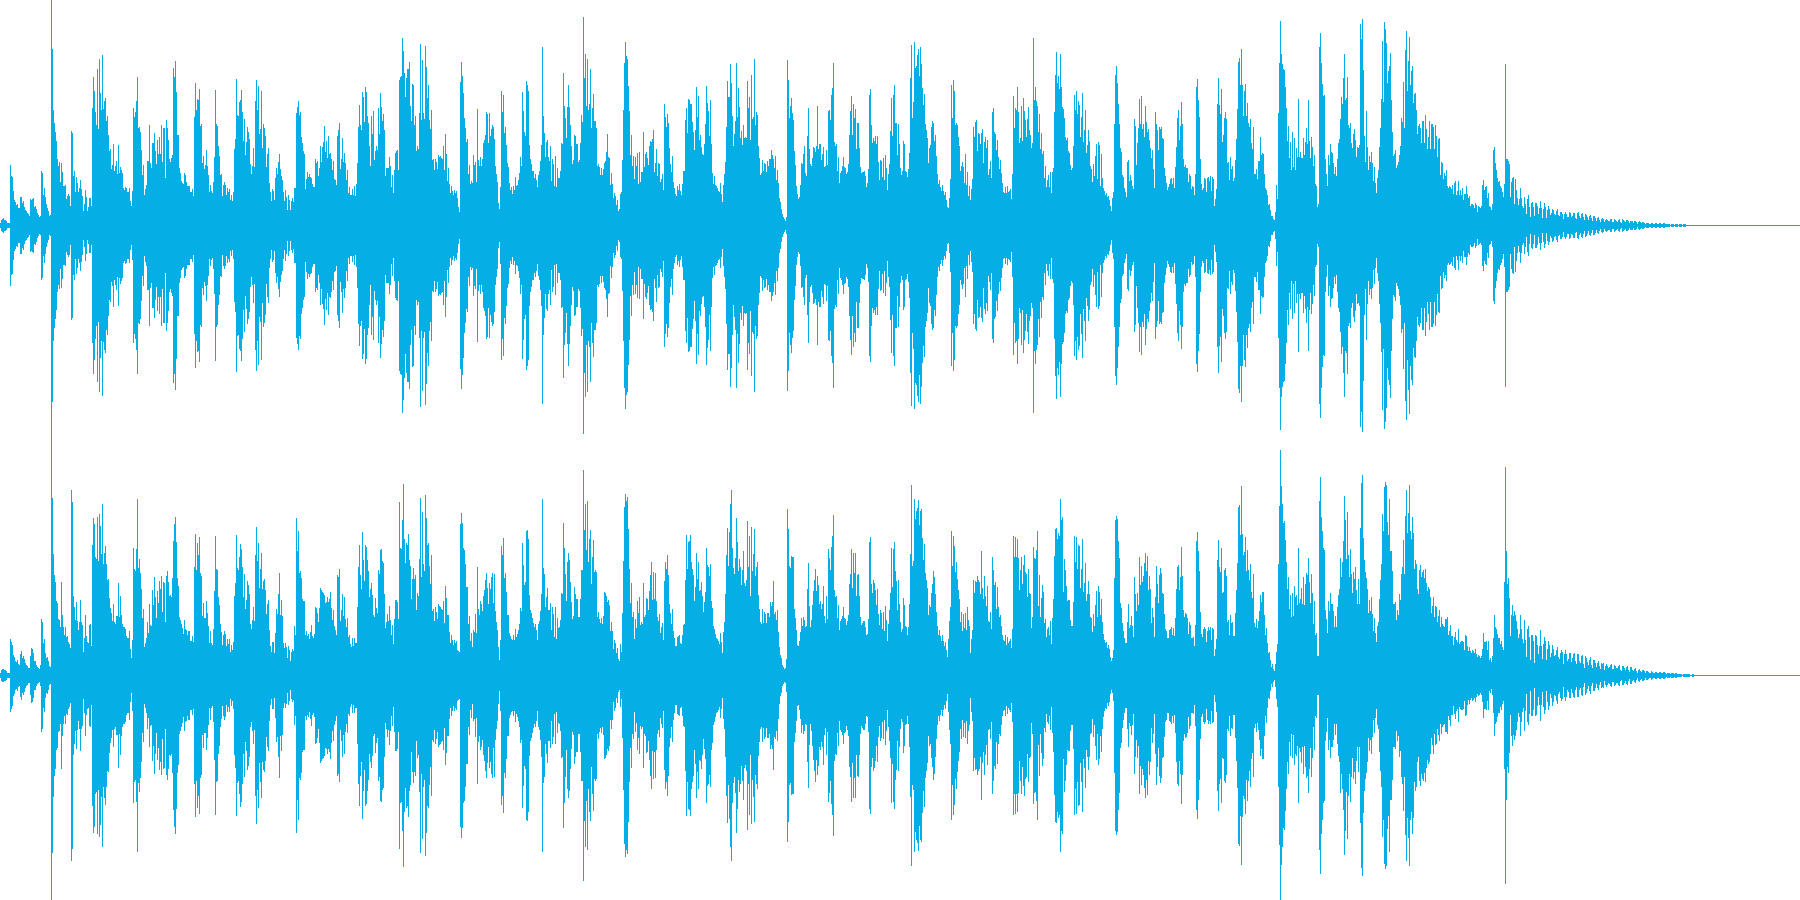 トランペットのマーチング風なジングルの再生済みの波形